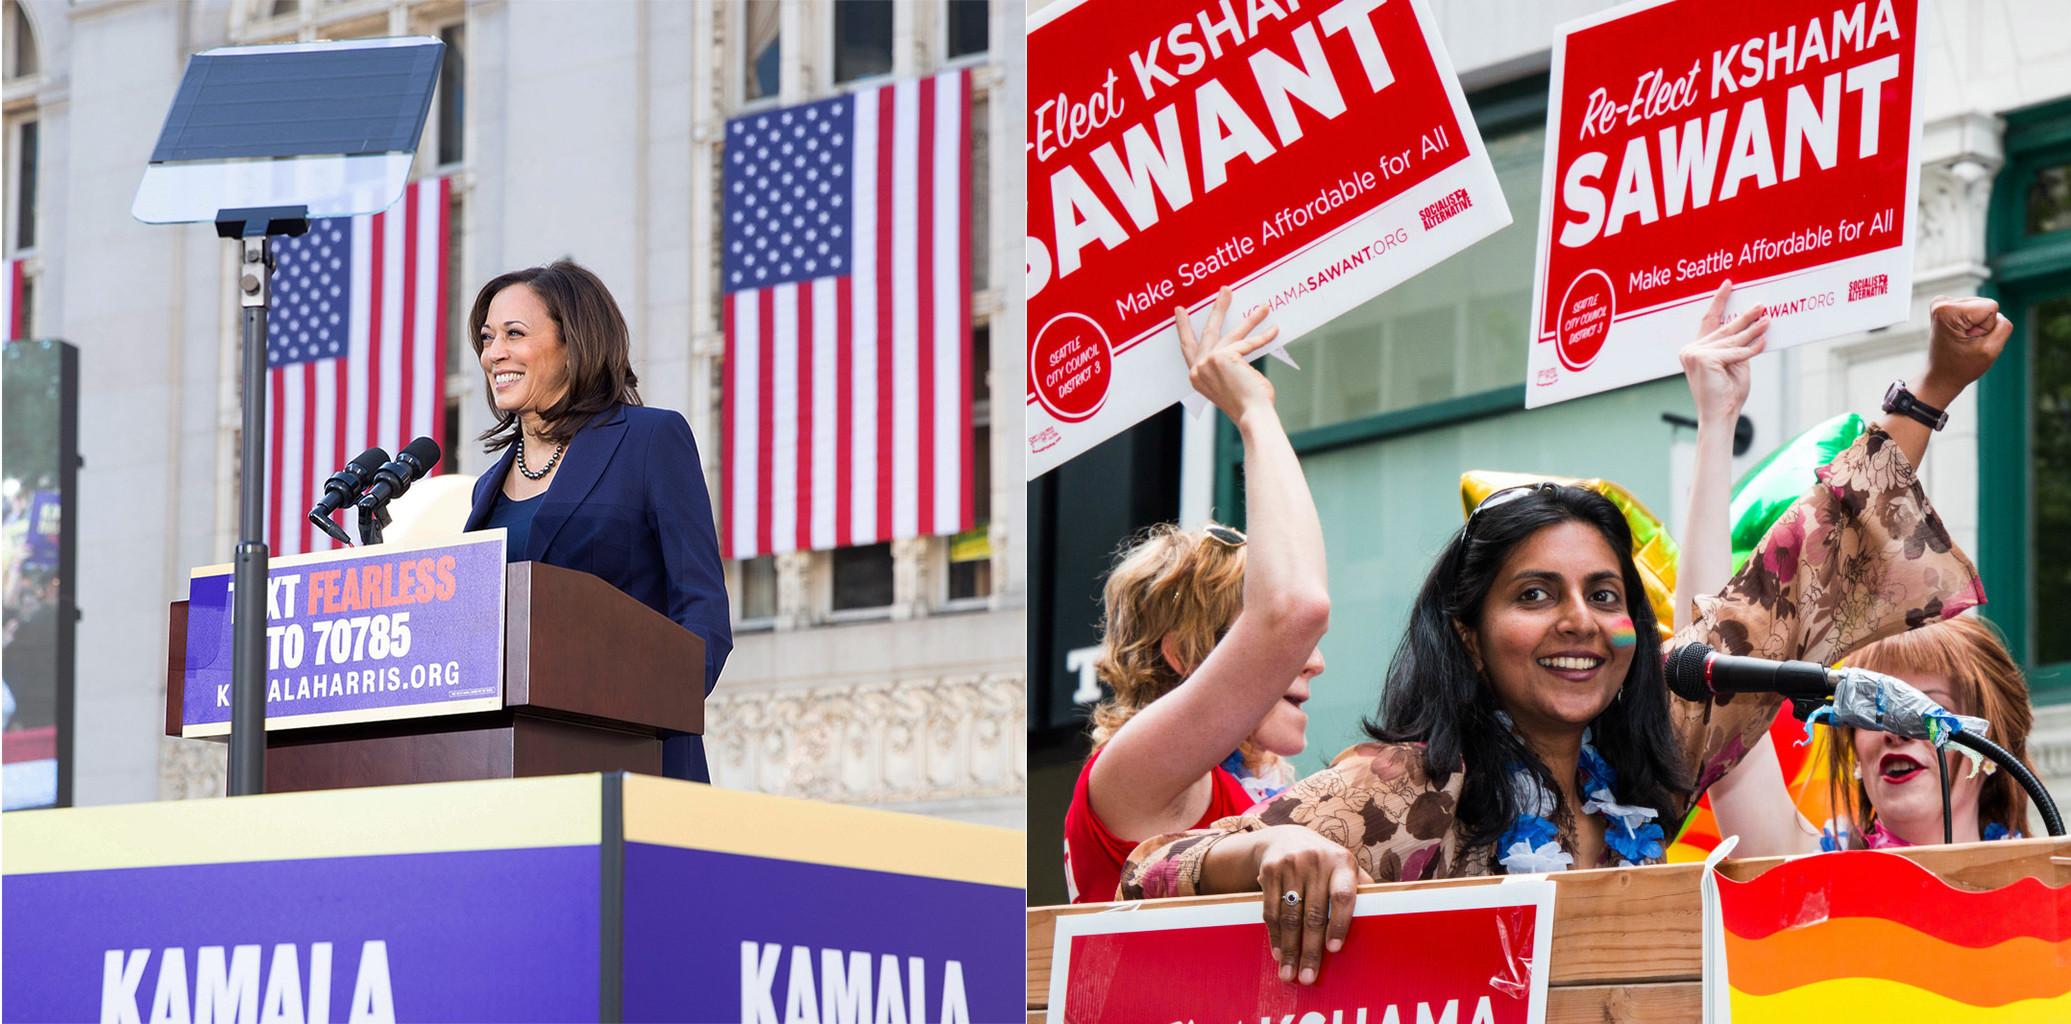 Kamala Harris and Kshama Sawant